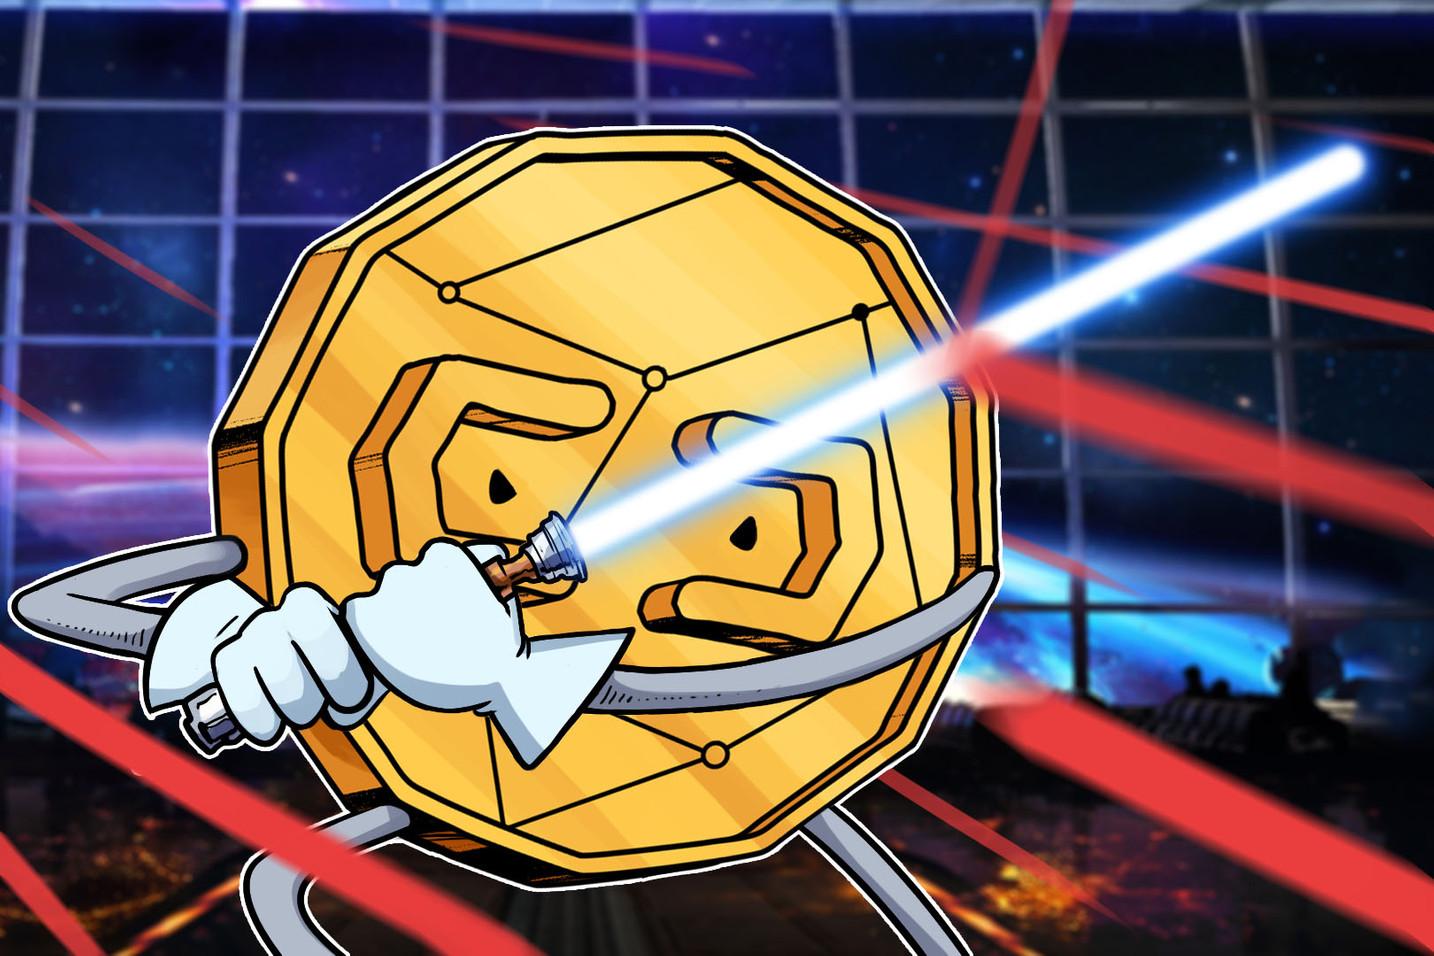 Especialistas do mercado explicam como lucrar com o colapso do Bitcoin